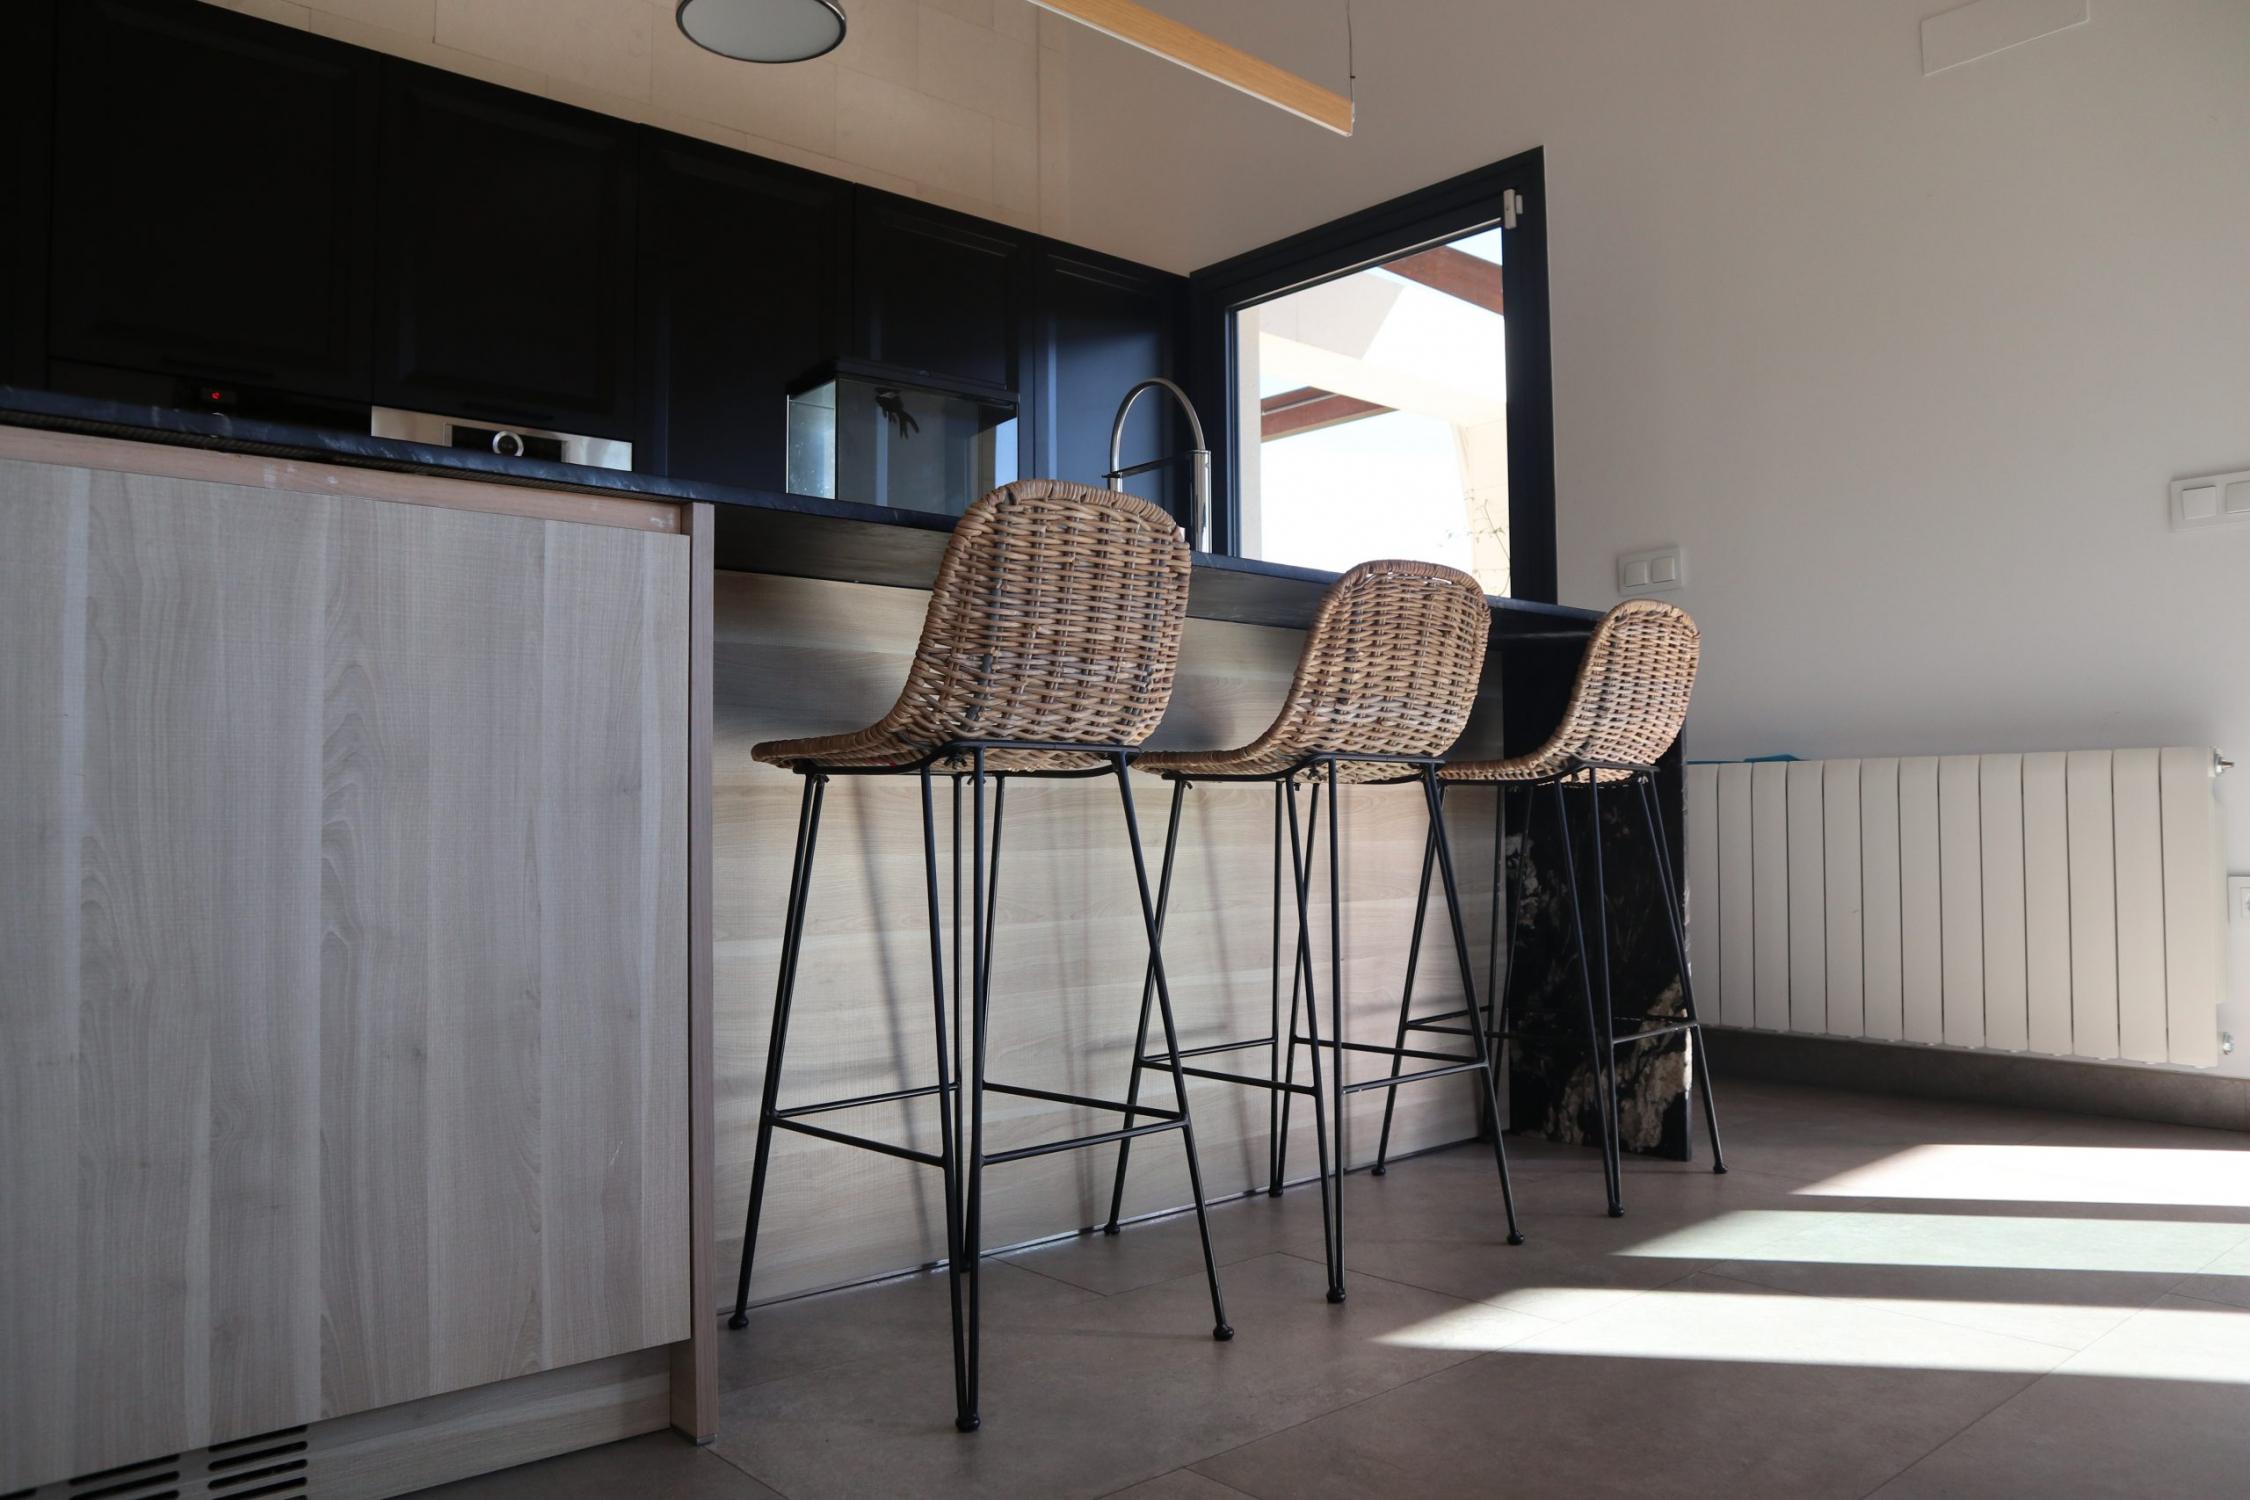 Taburete alto de ratán para cocina, arquitectura unifamiliar.